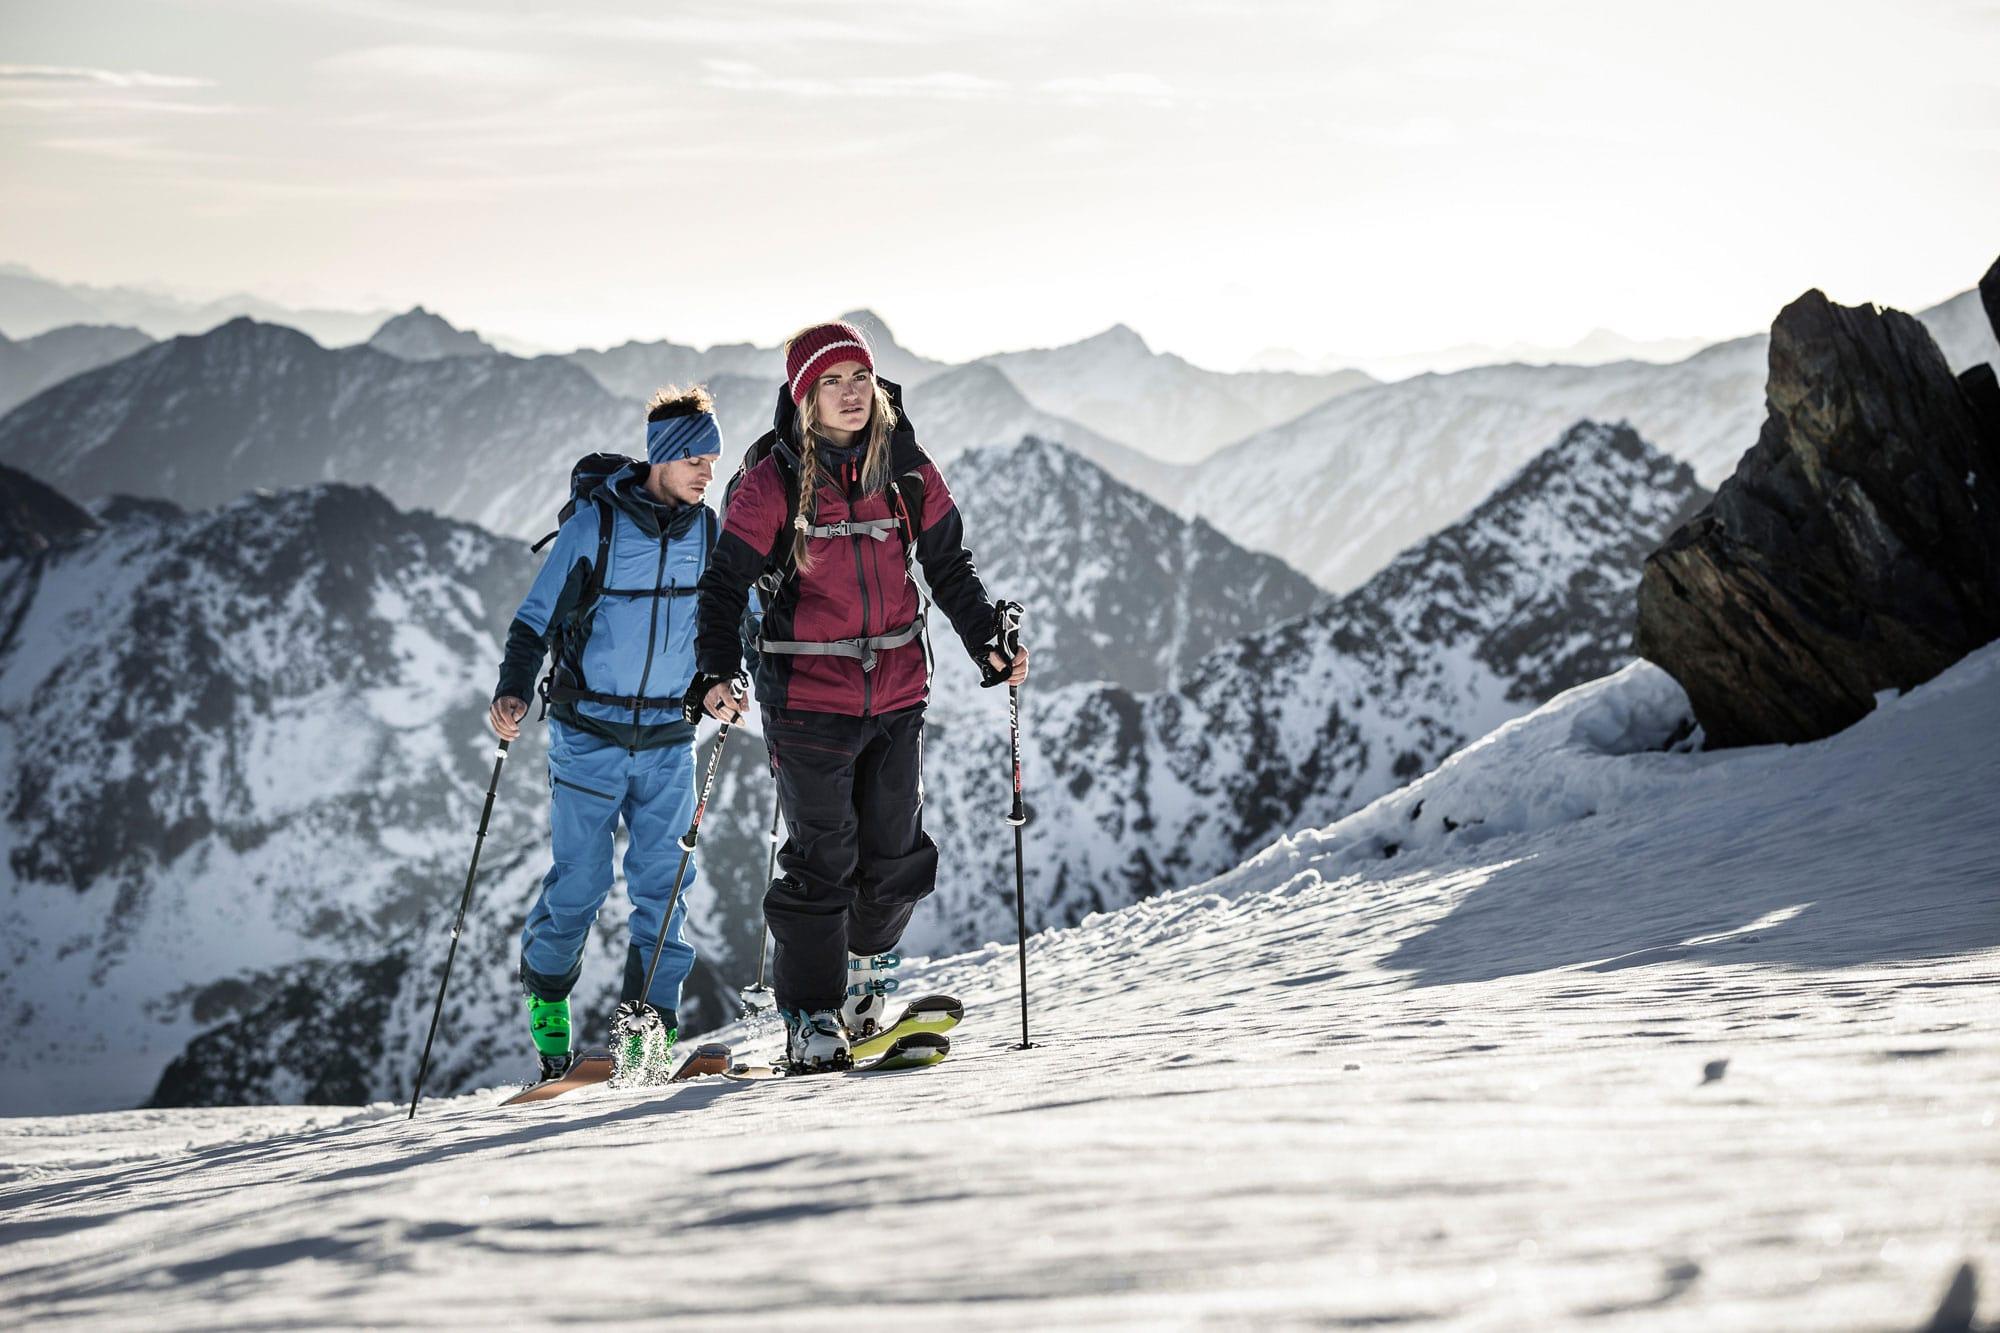 Ski tour ascent